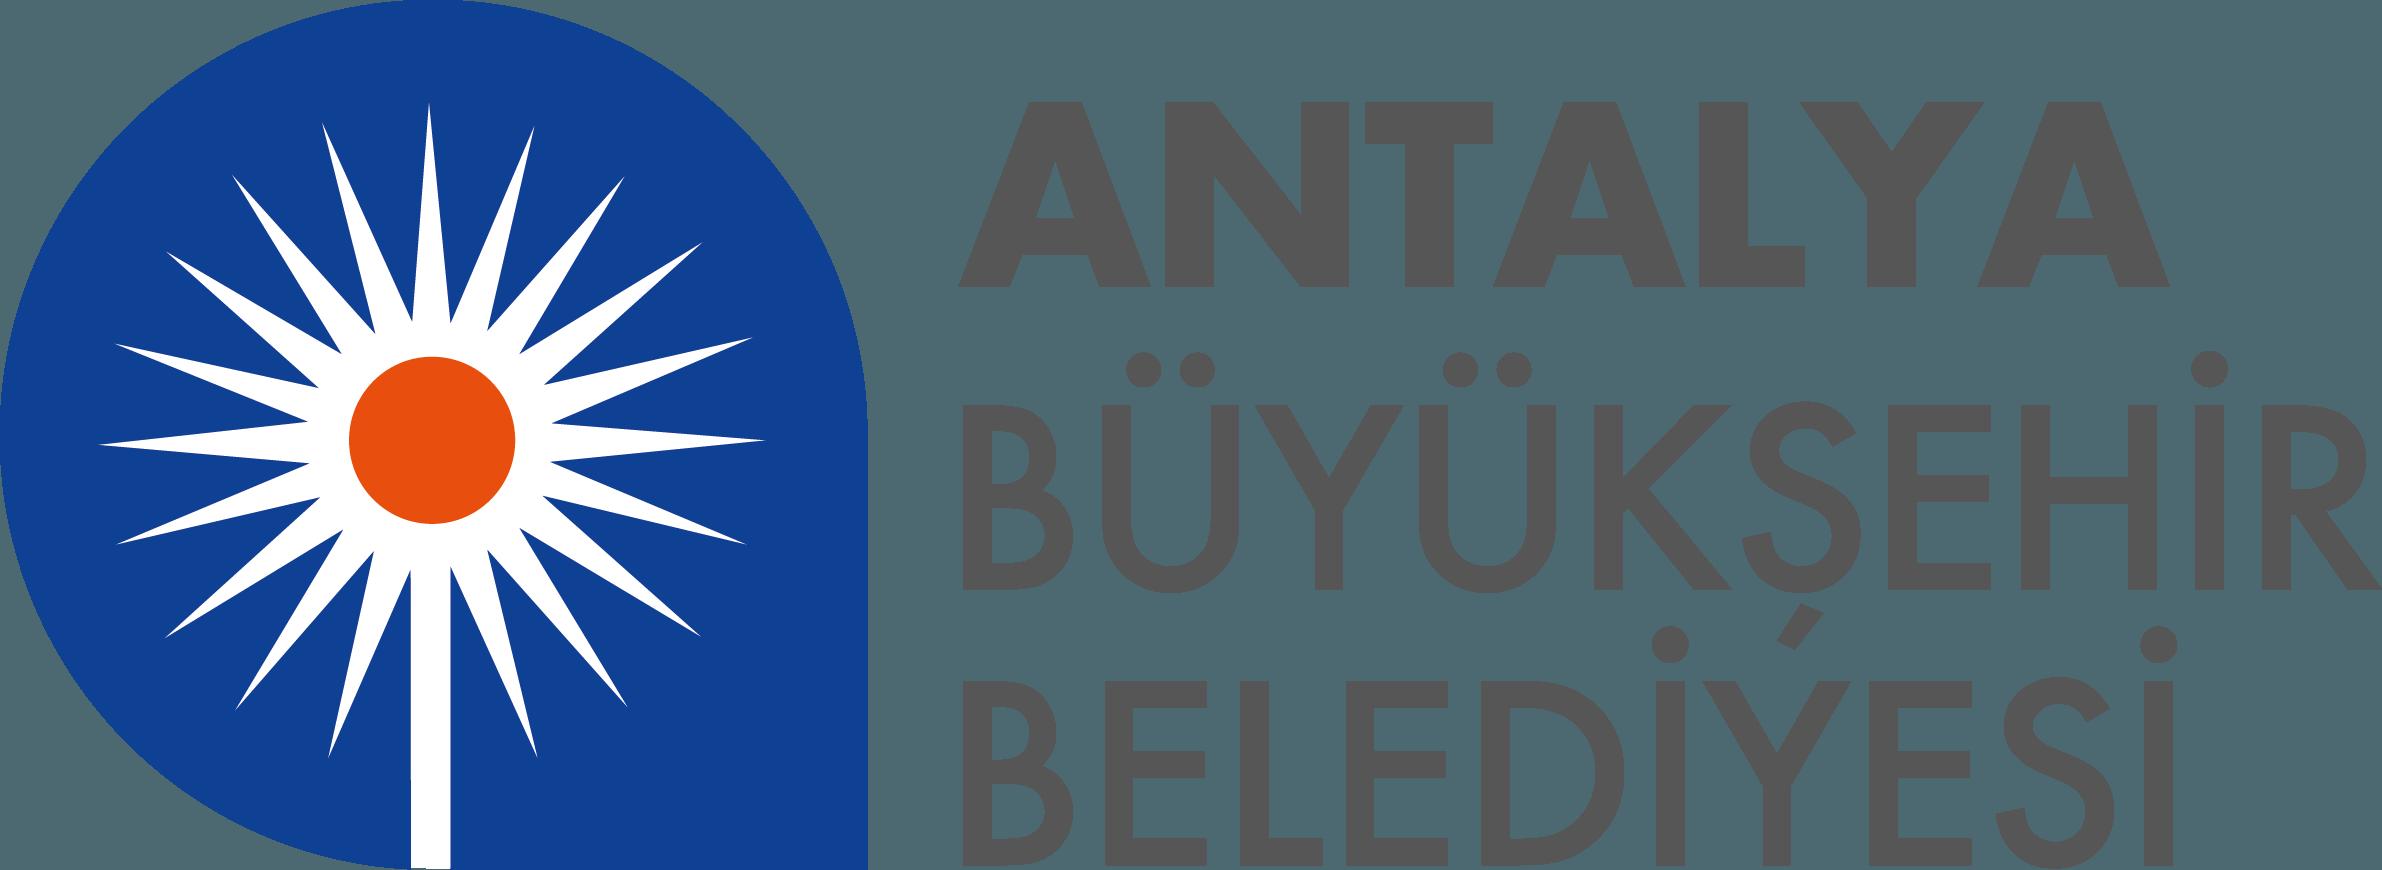 Antalya Büyükşehir Belediyesi Logo [antalya.bel.tr] png